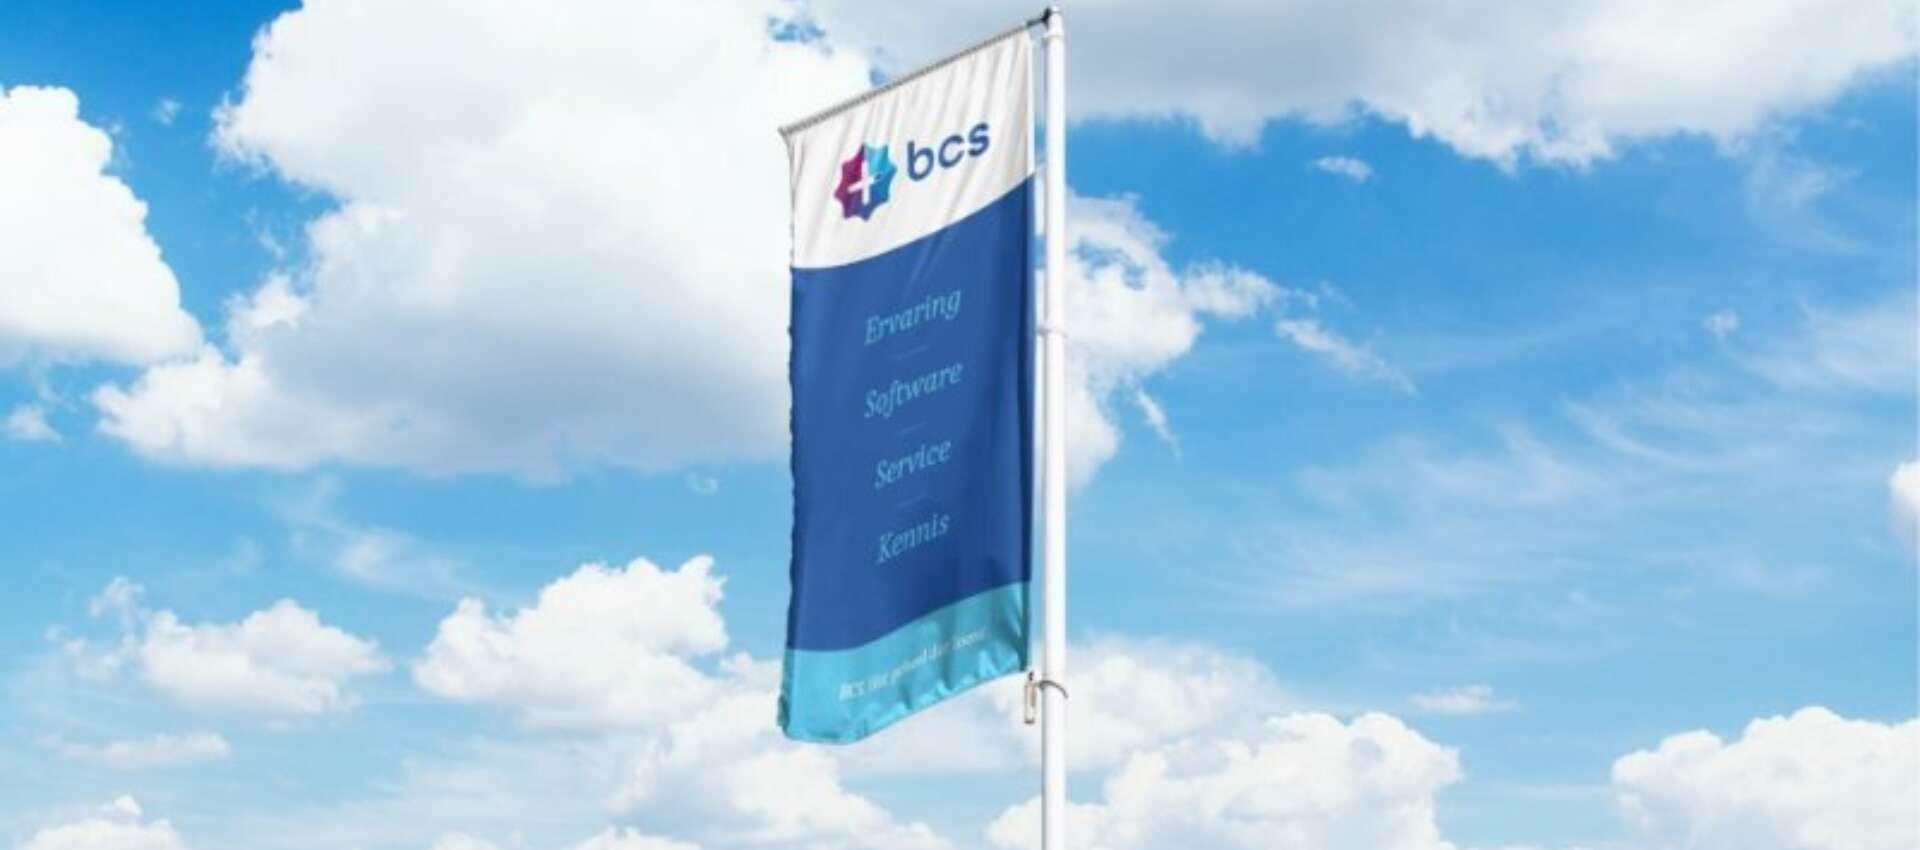 Met trots introduceren wij de vernieuwde uitstraling van BCS!